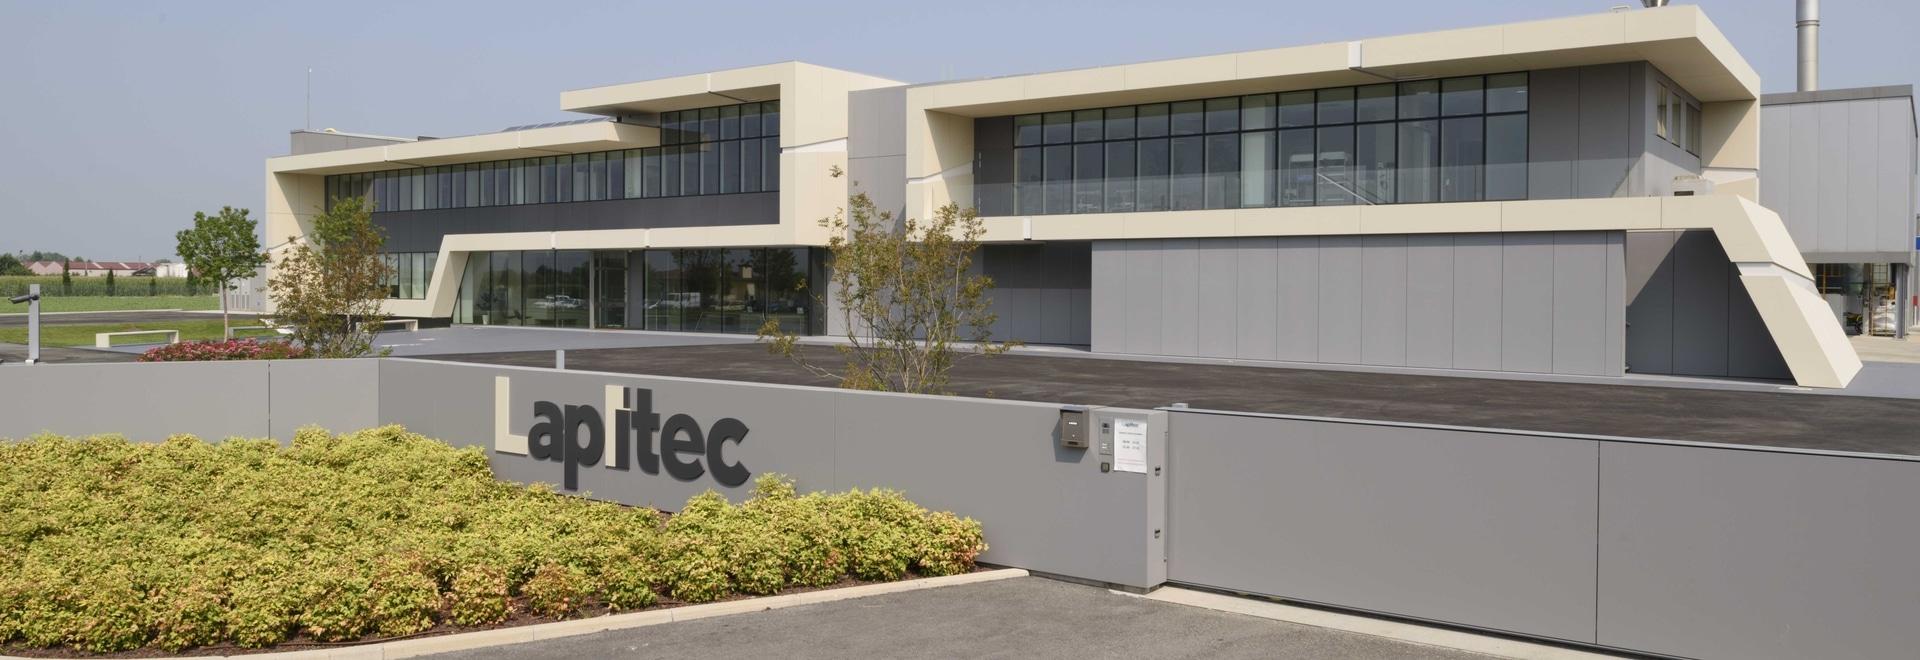 Lapitec® et Fila signent un partenariat pour offrir services et solutions à l'industrie du bâtiment et de la décoration